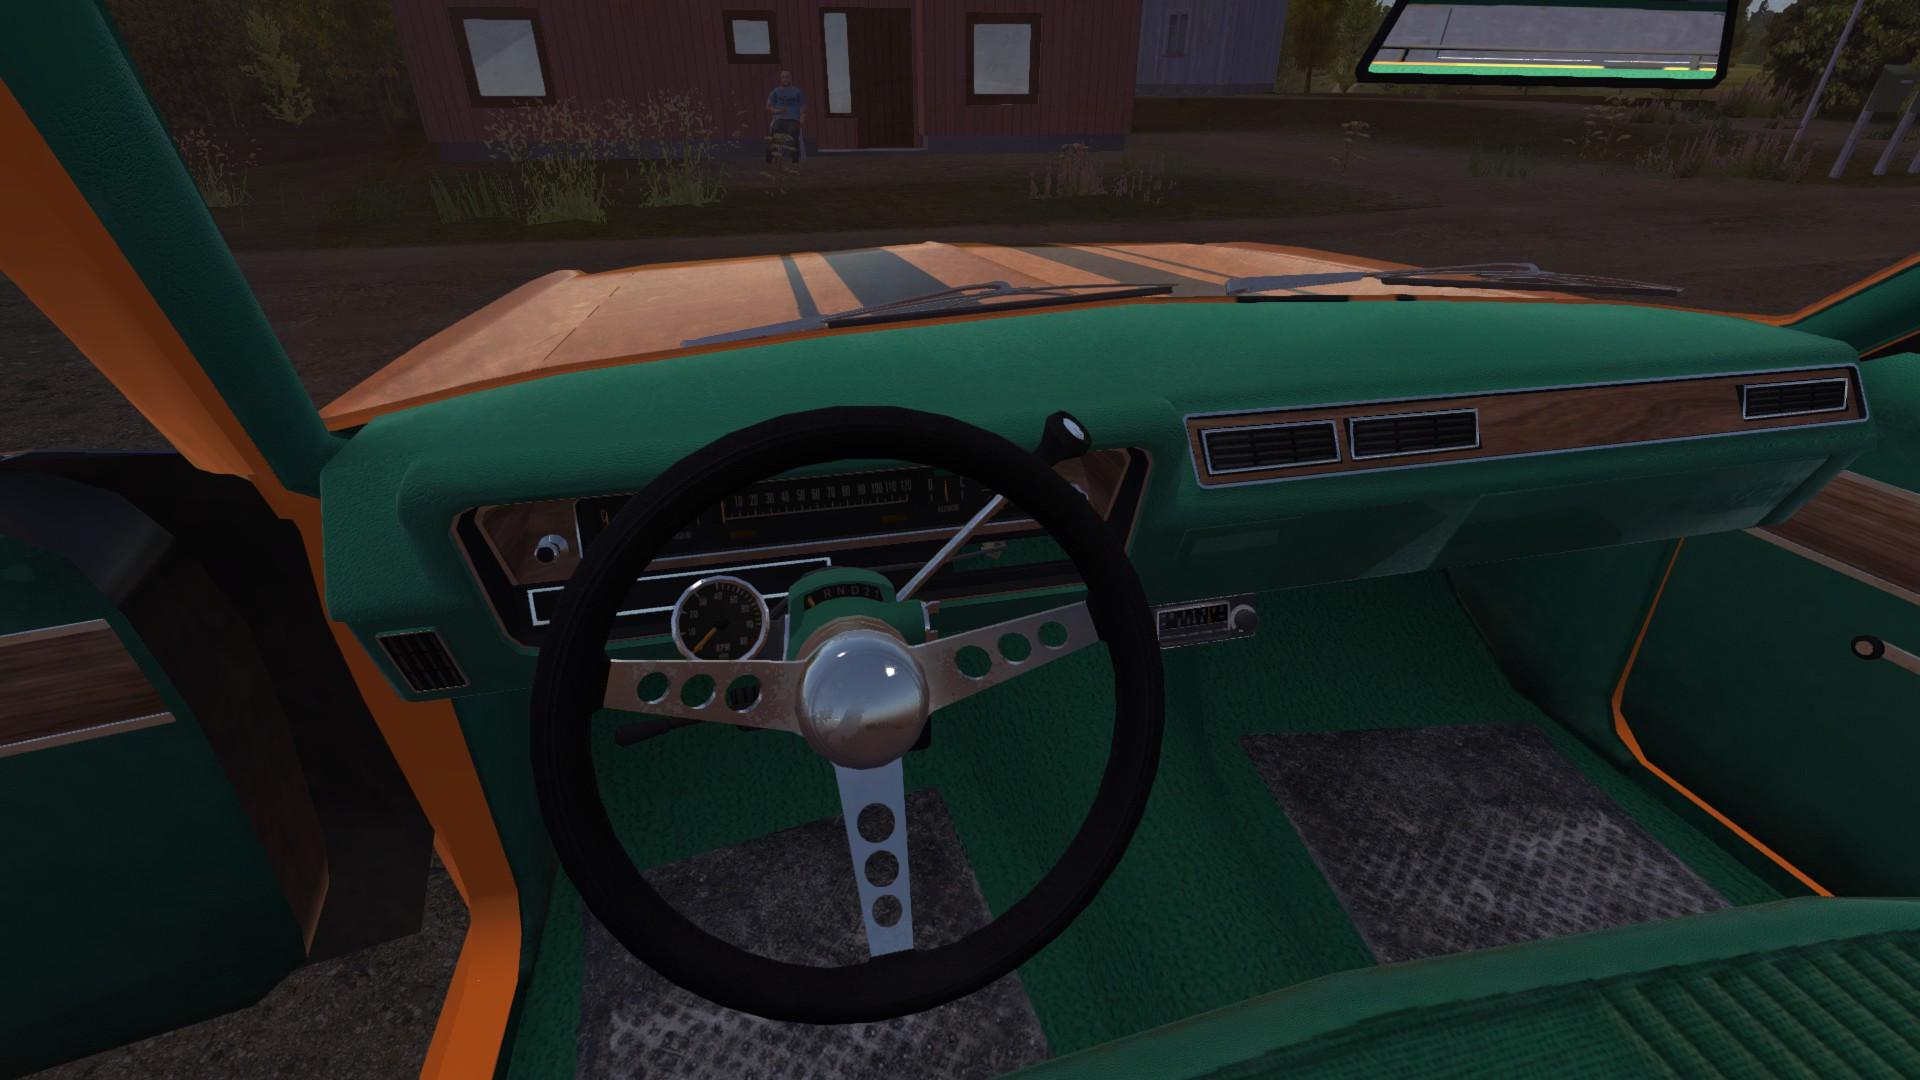 Custom Steering Wheel for Ferndale | RaceDepartment - Latest